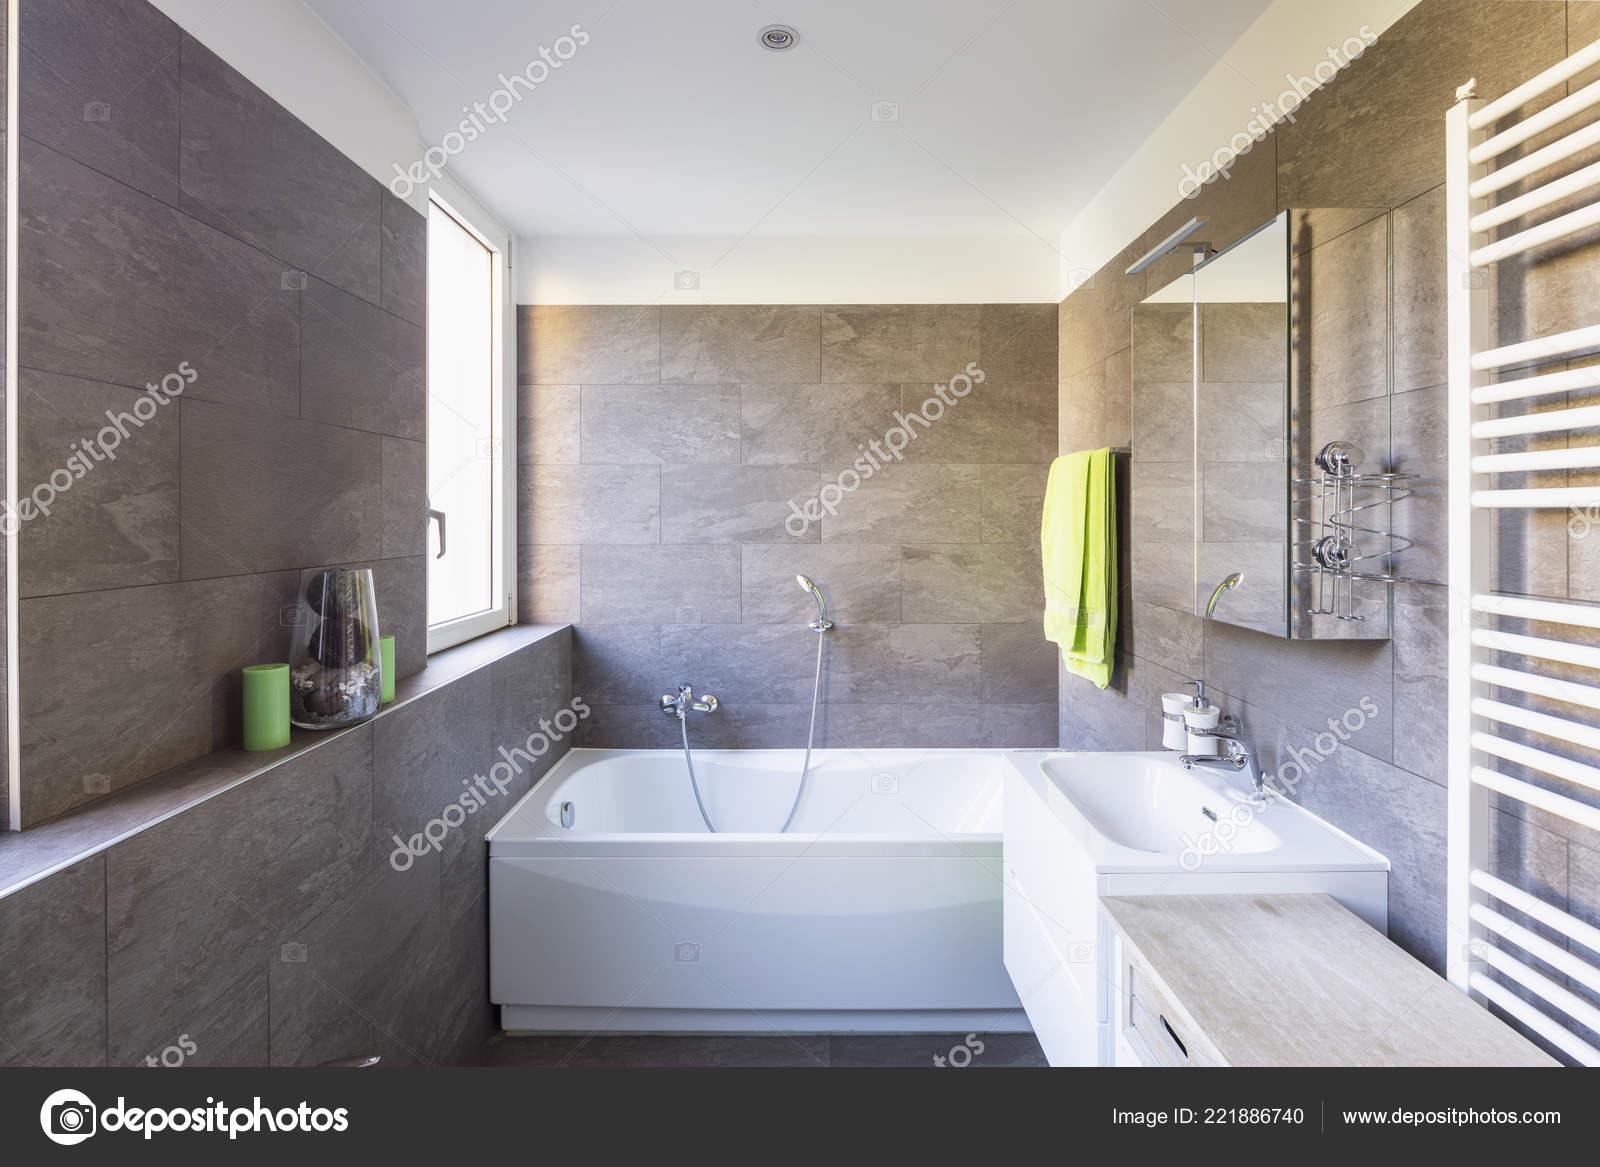 Elegantes Badezimmer Mit Dunklen Fliesen Niemand Inneren — Stockfoto ...